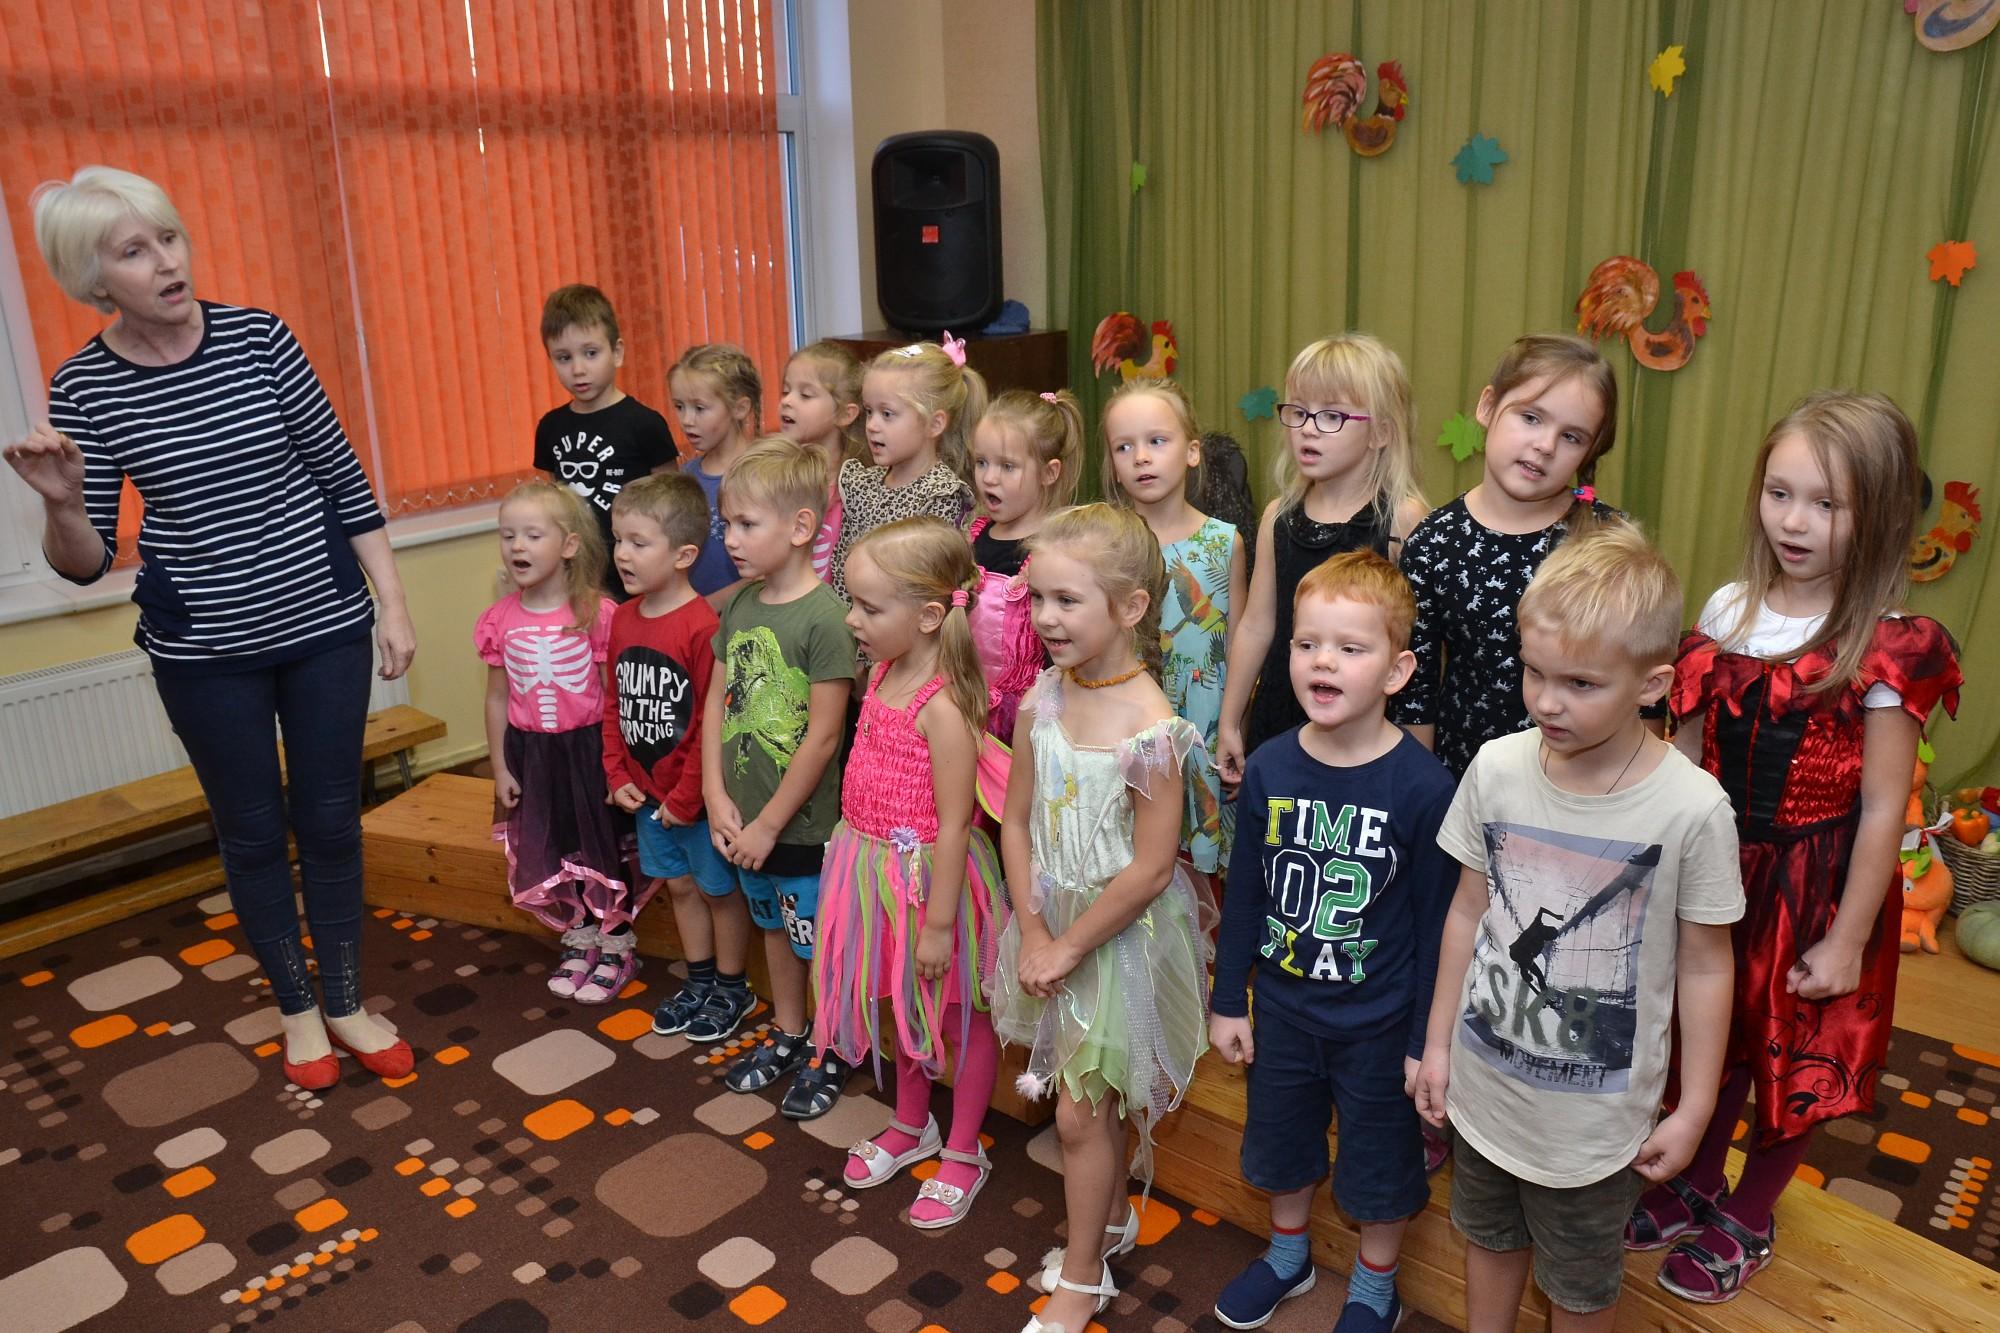 Liepājas izglītības iestādēs vakantas 19 pedagogu vietas